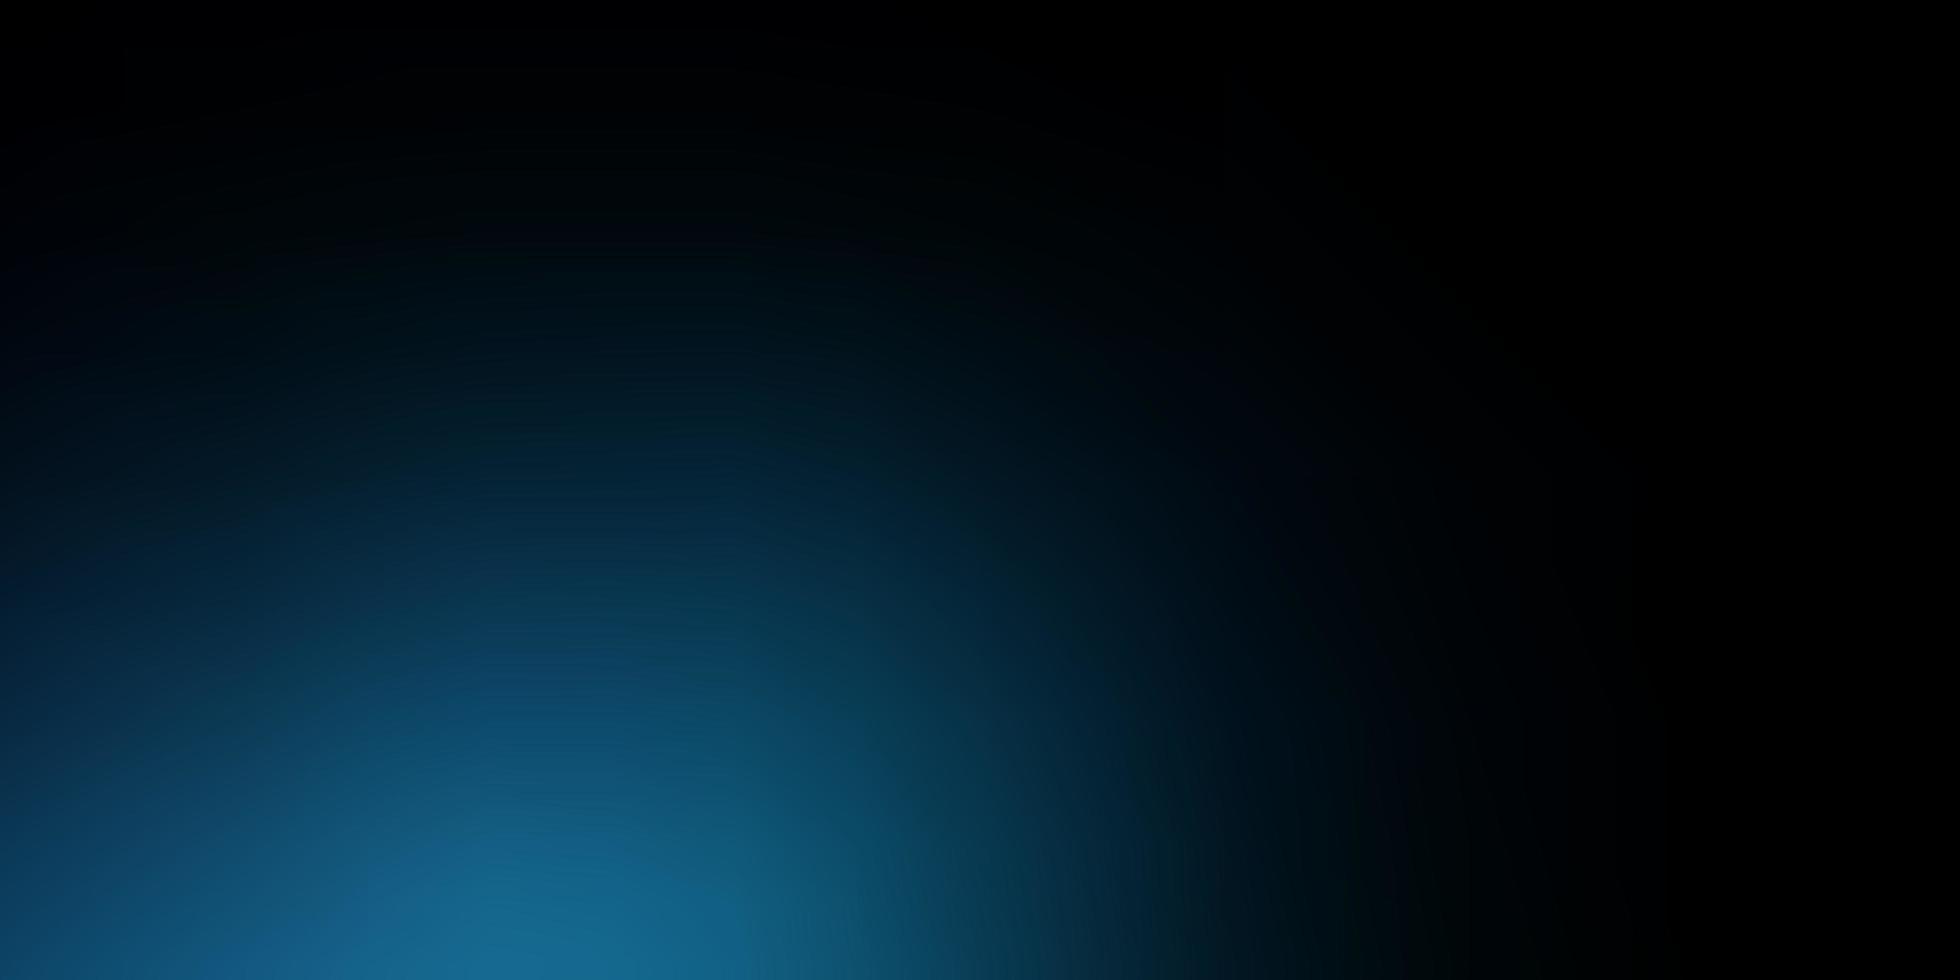 mörkblå suddig mall. vektor